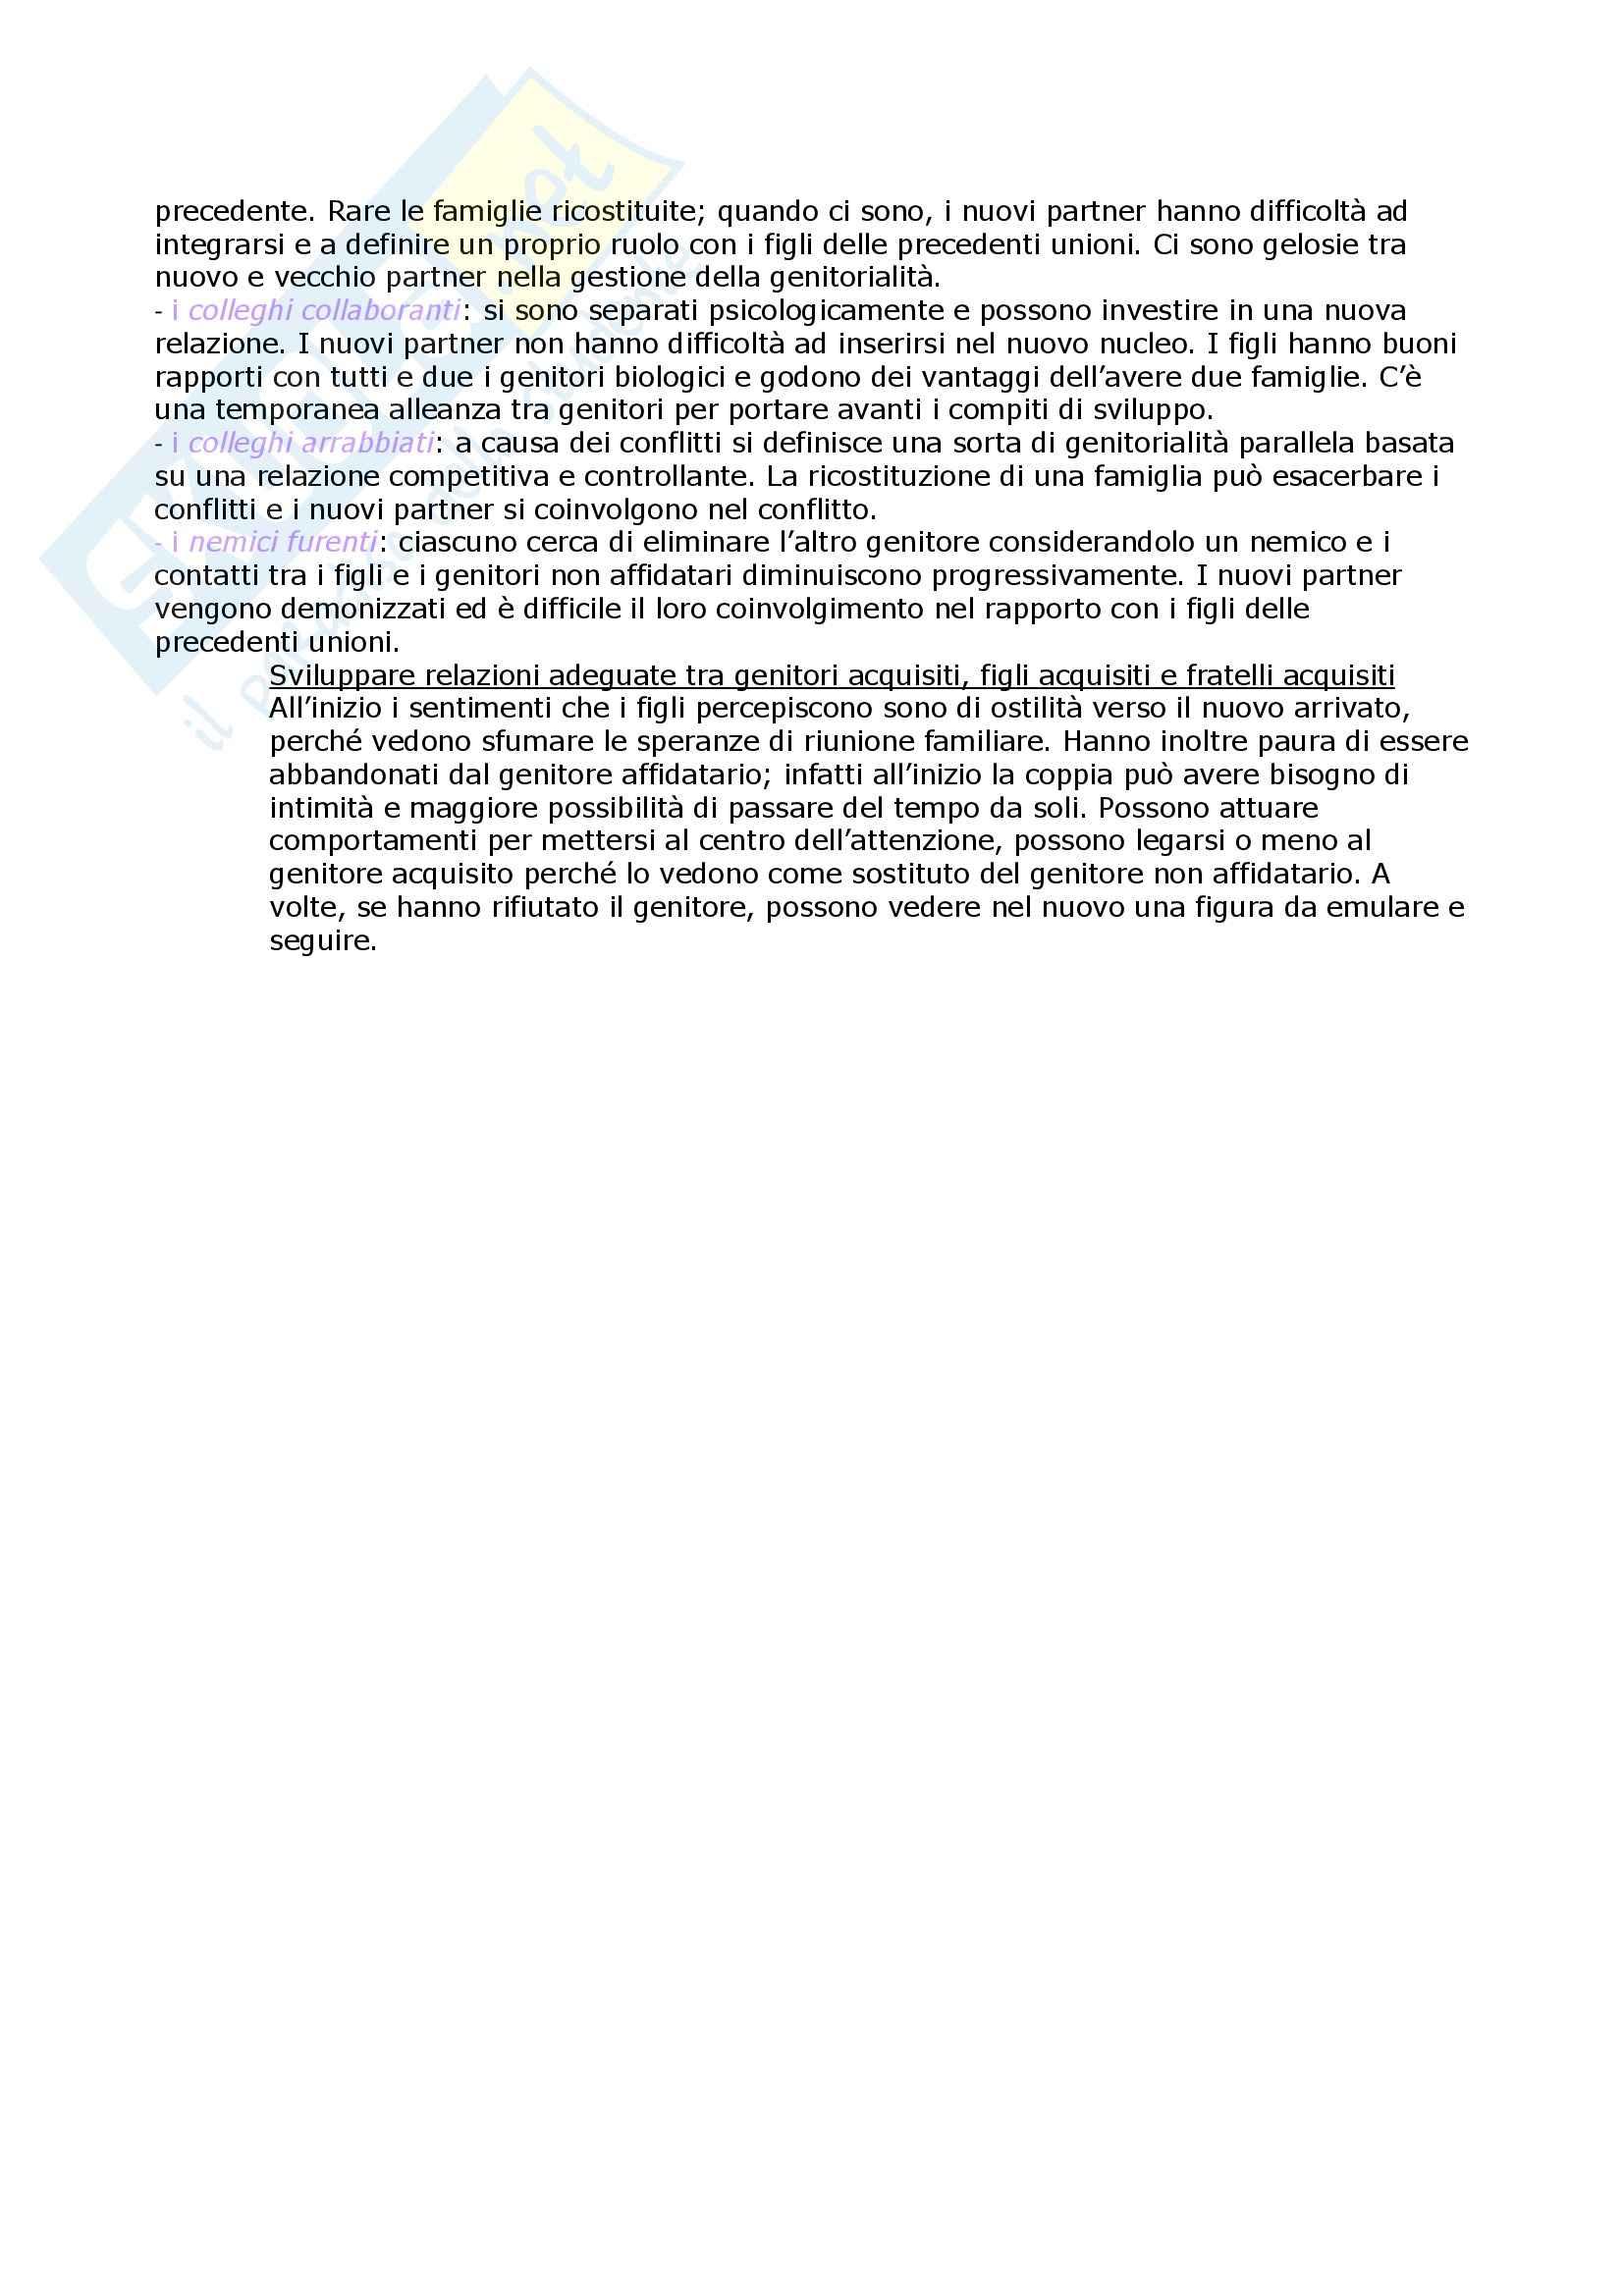 Riassunto esame Psicodinamica della Famiglia, prof. Malagoli, libro consigliato Dinamiche Relazionali e Ciclo di Vita della Famiglia, Malagoli Pag. 11